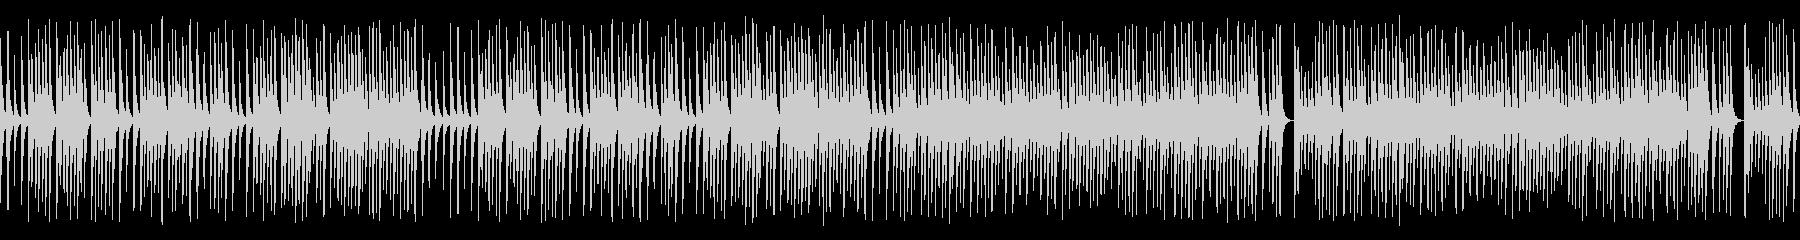 木琴がコロコロ可愛いジャズの名曲(ループの未再生の波形